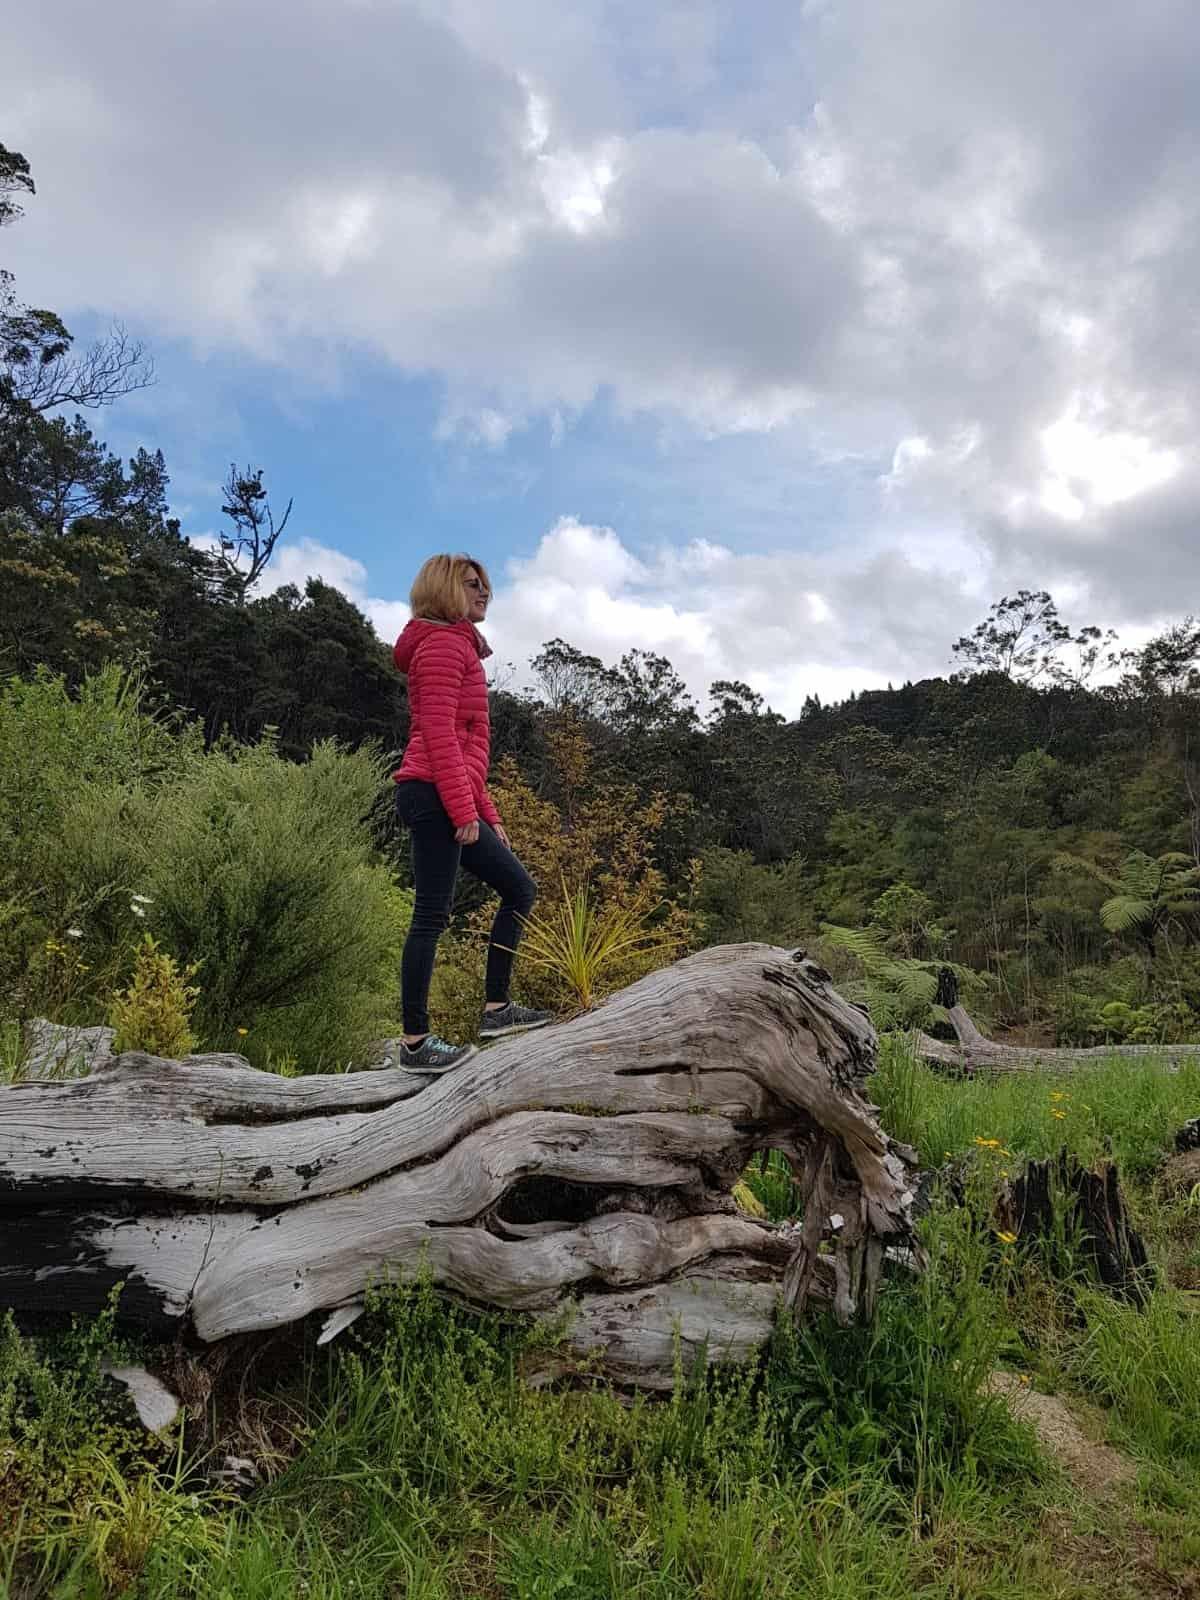 Nouvelle-Zélande, une semaine de HelpX chez la reine Lucy 👑 14